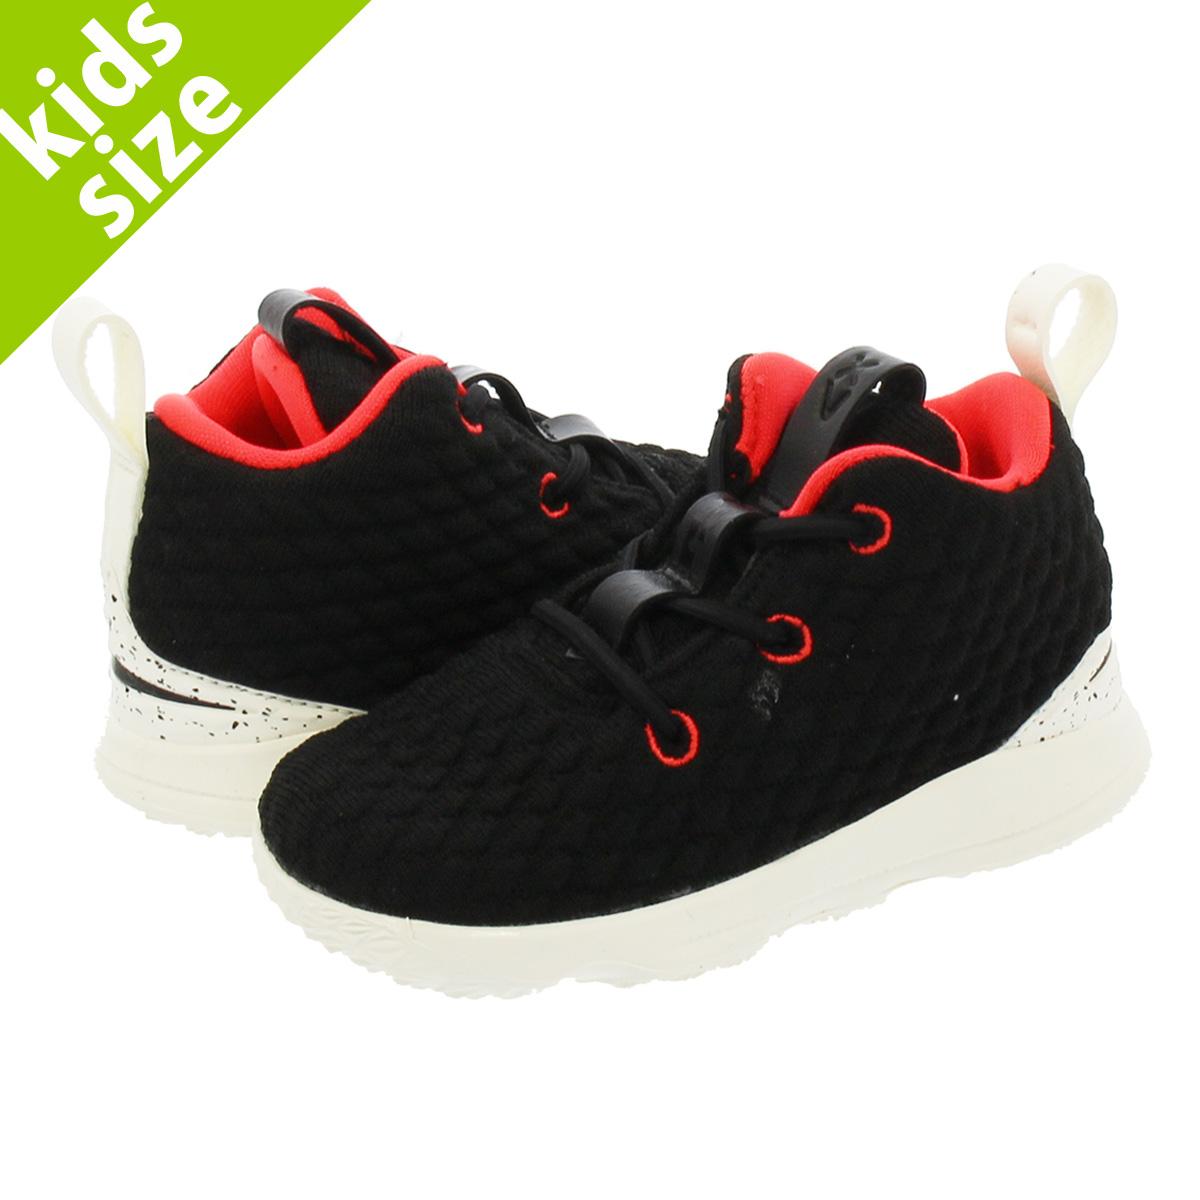 f4010cc9d8e NIKE LEBRON 15 TD Nike Revlon 15 TD BLACK SAIL BRIGHT CRIMSON aq6178-002